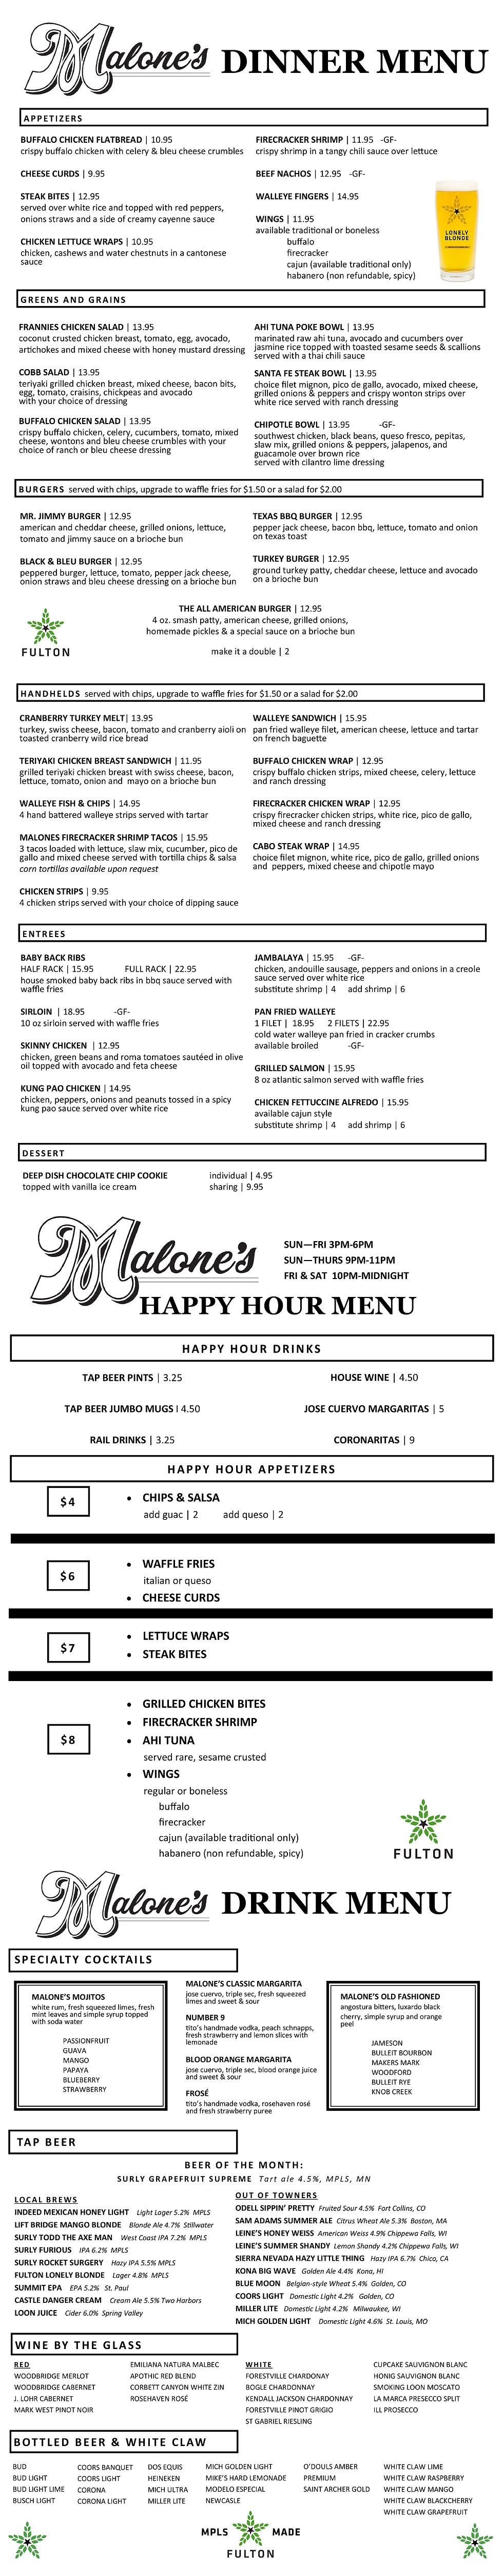 Malones_DinnerMenu.jpg